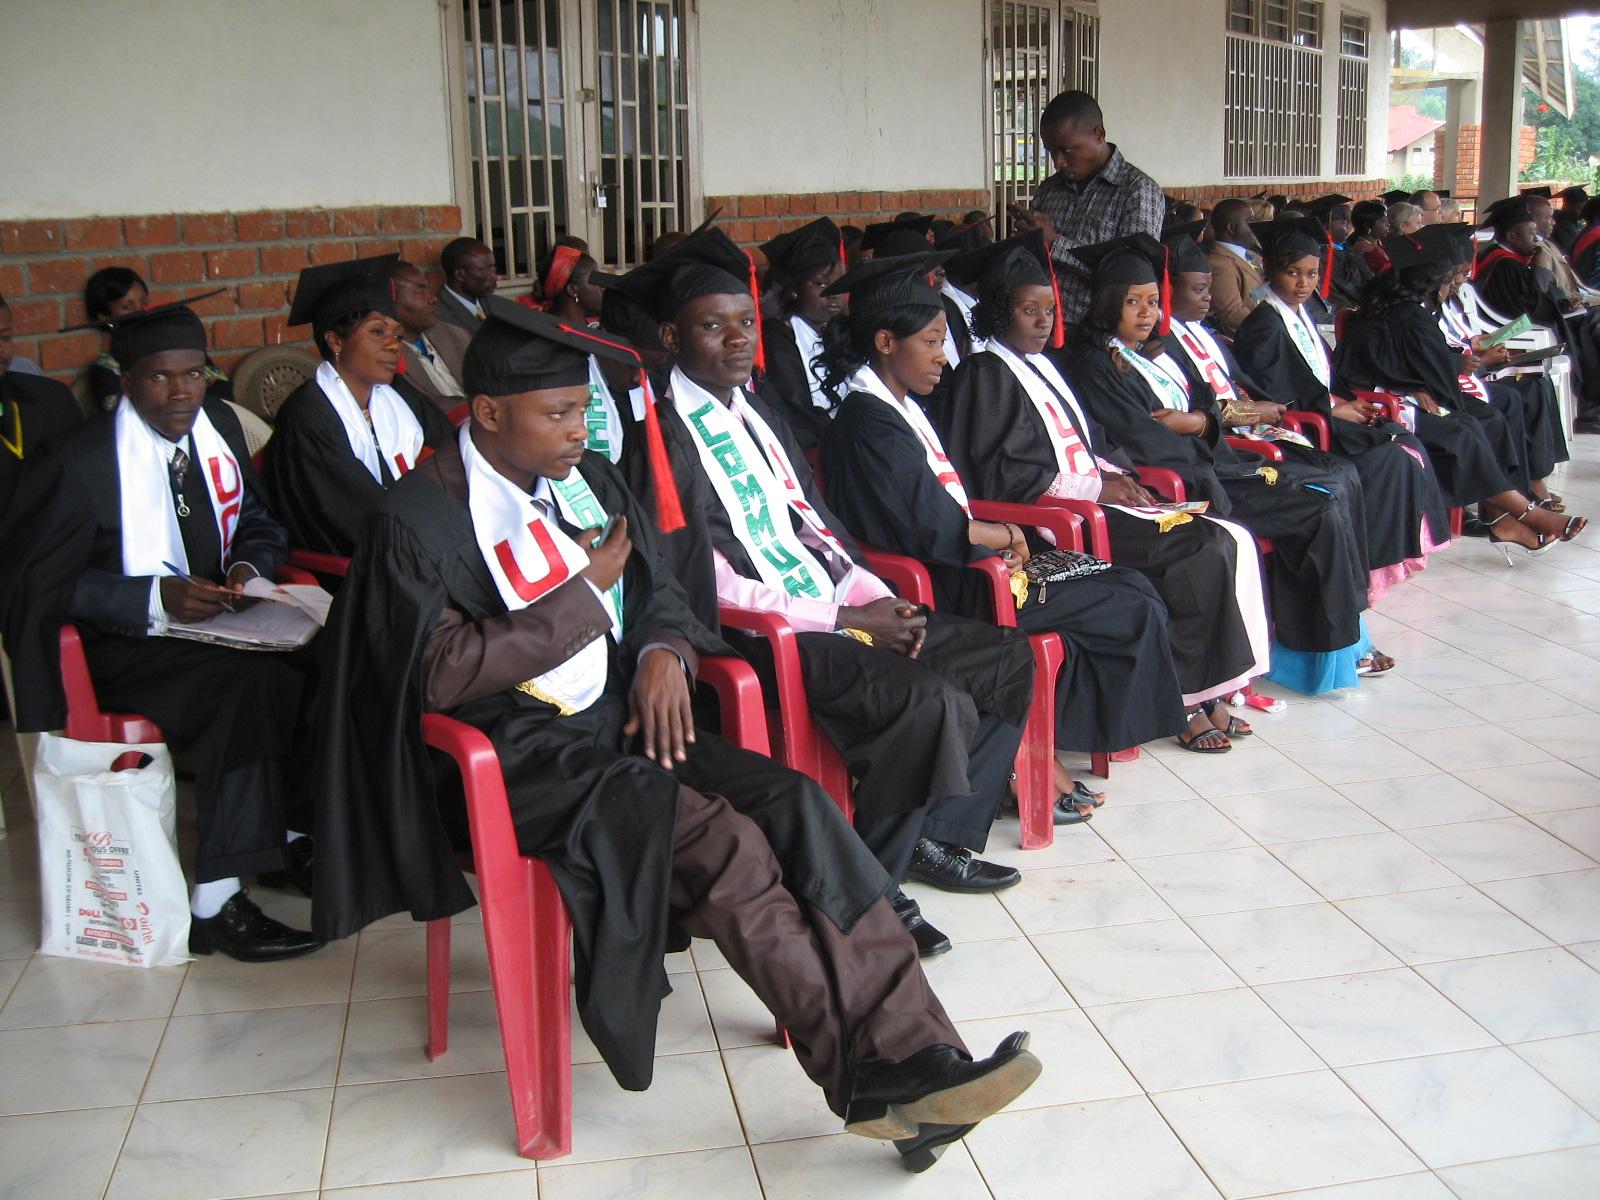 Ceremonie de collation de grades académiques en ville de Beni